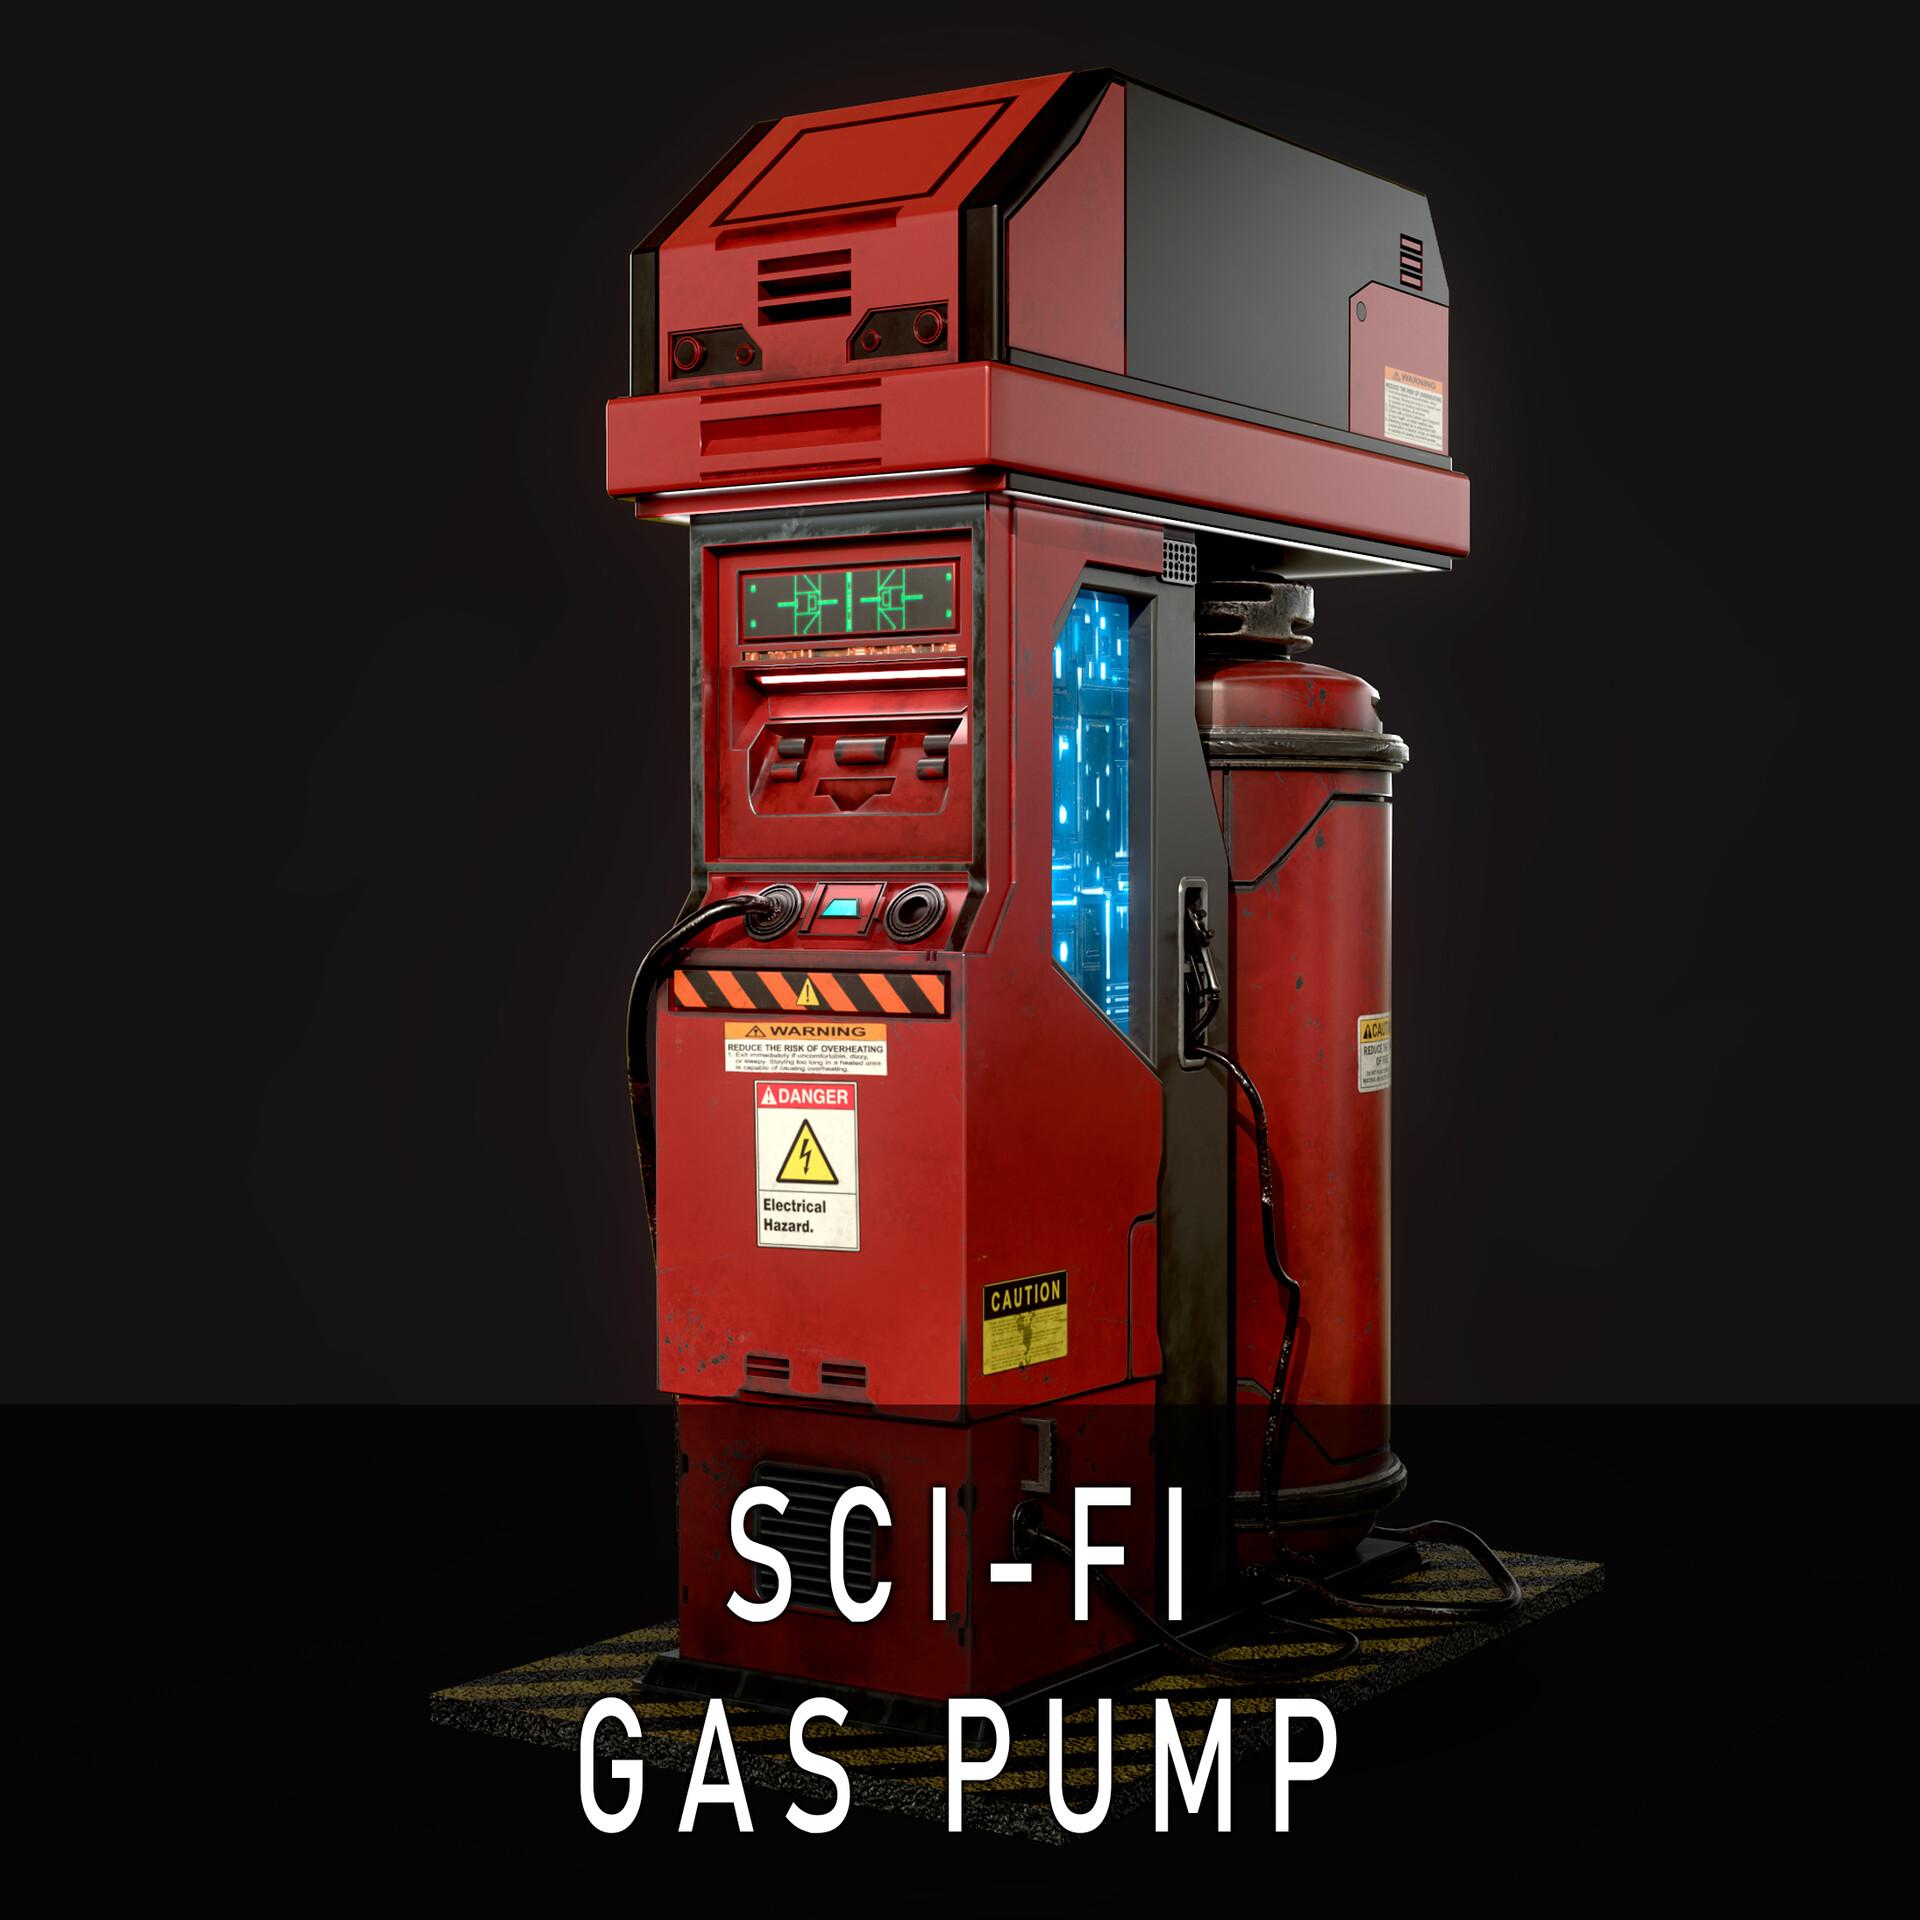 Sci-Fi Gas Pump